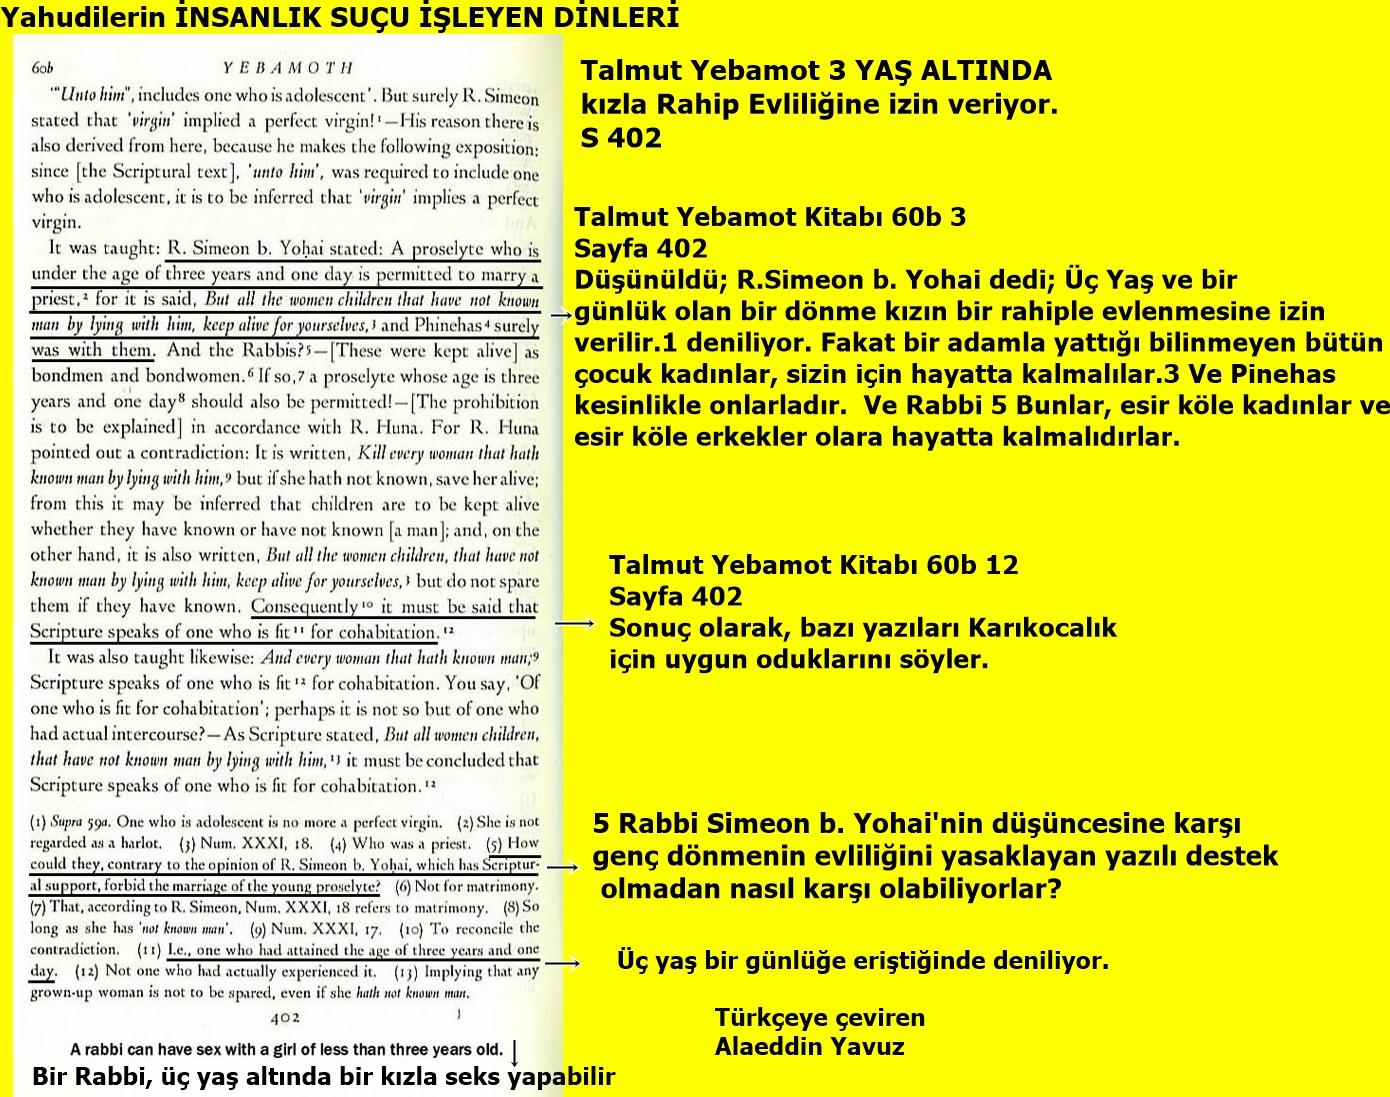 Sivilce izleri nasıl geçer ibrahim saraçoğlu ile Etiketlenen Konular 18